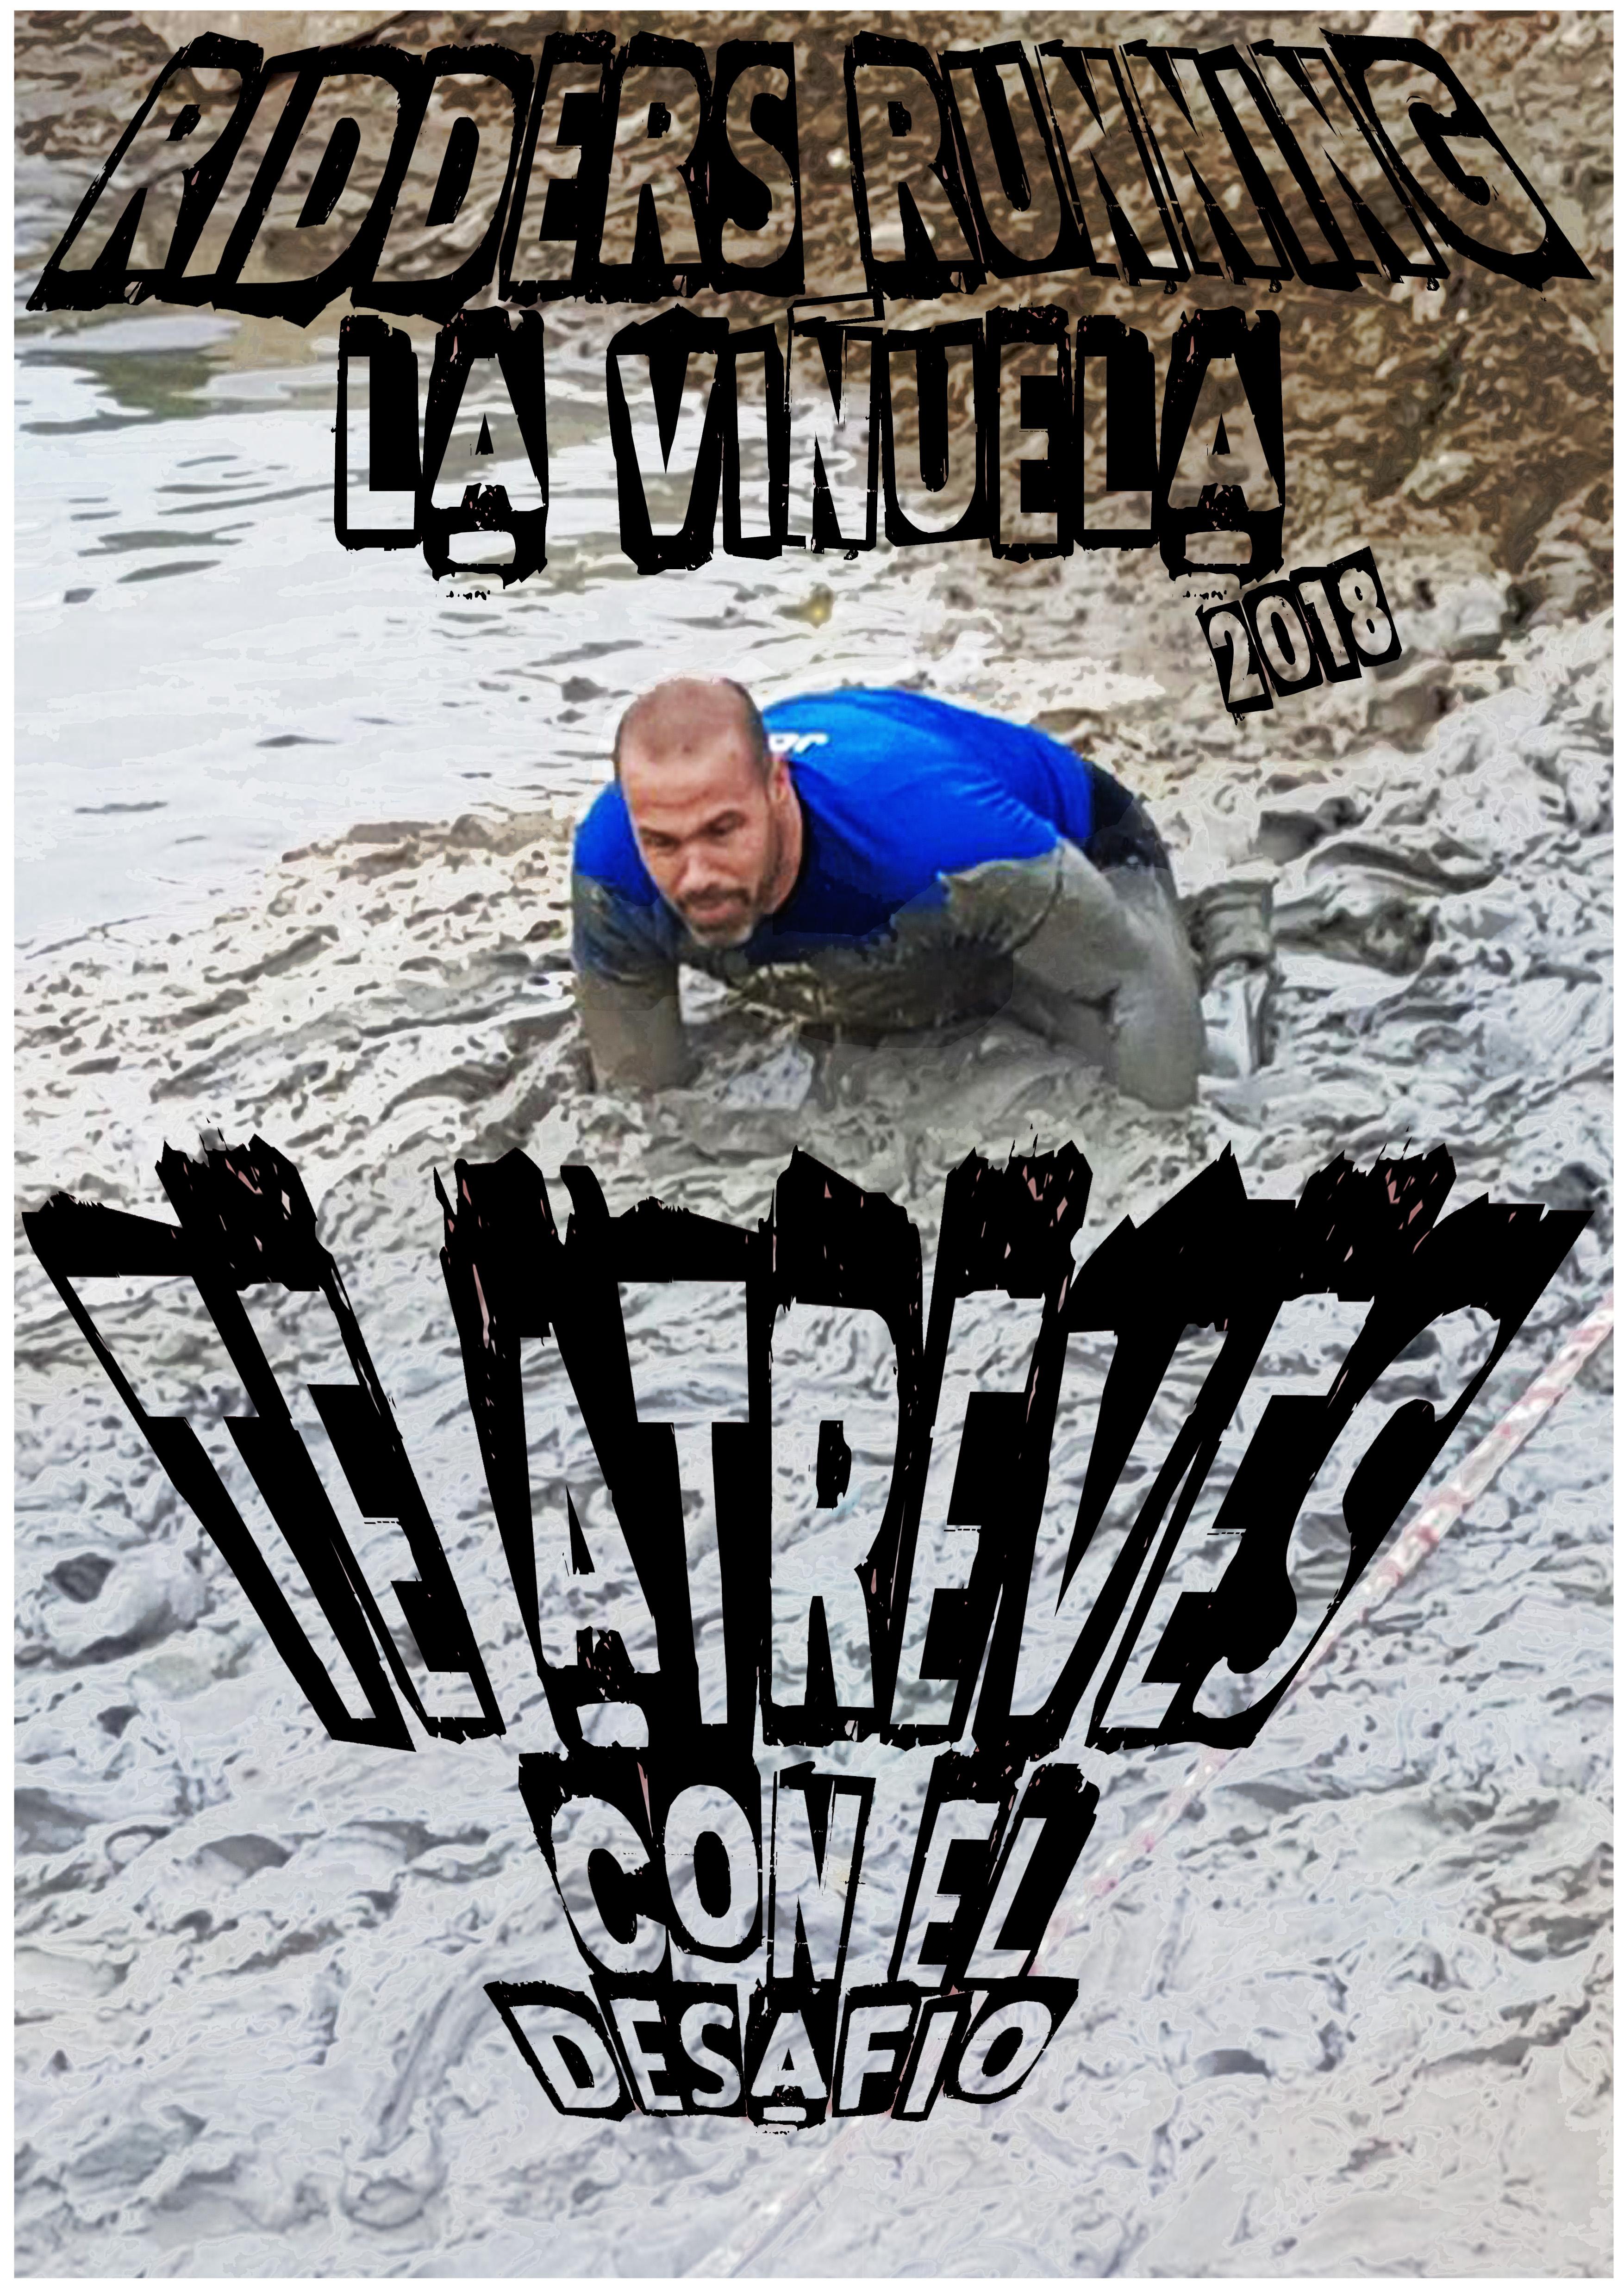 CARTEL VIÑUELA BARRO 2